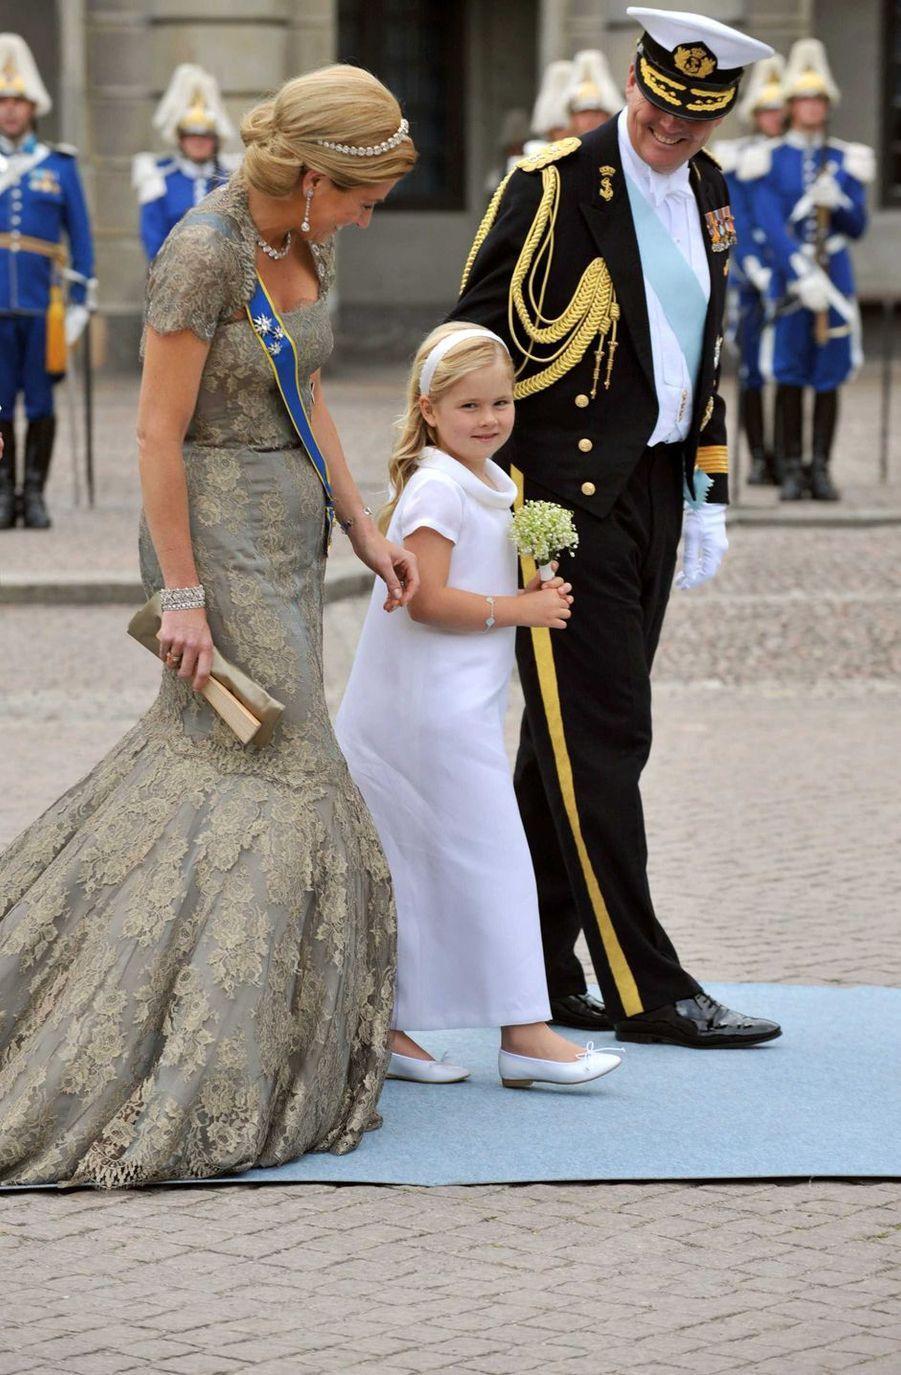 La princesse Catharina-Amalia des Pays-Bas avec la princesse Maxima et le prince héritier Willem-Alexander à Stockholm, le 19 juin 2010